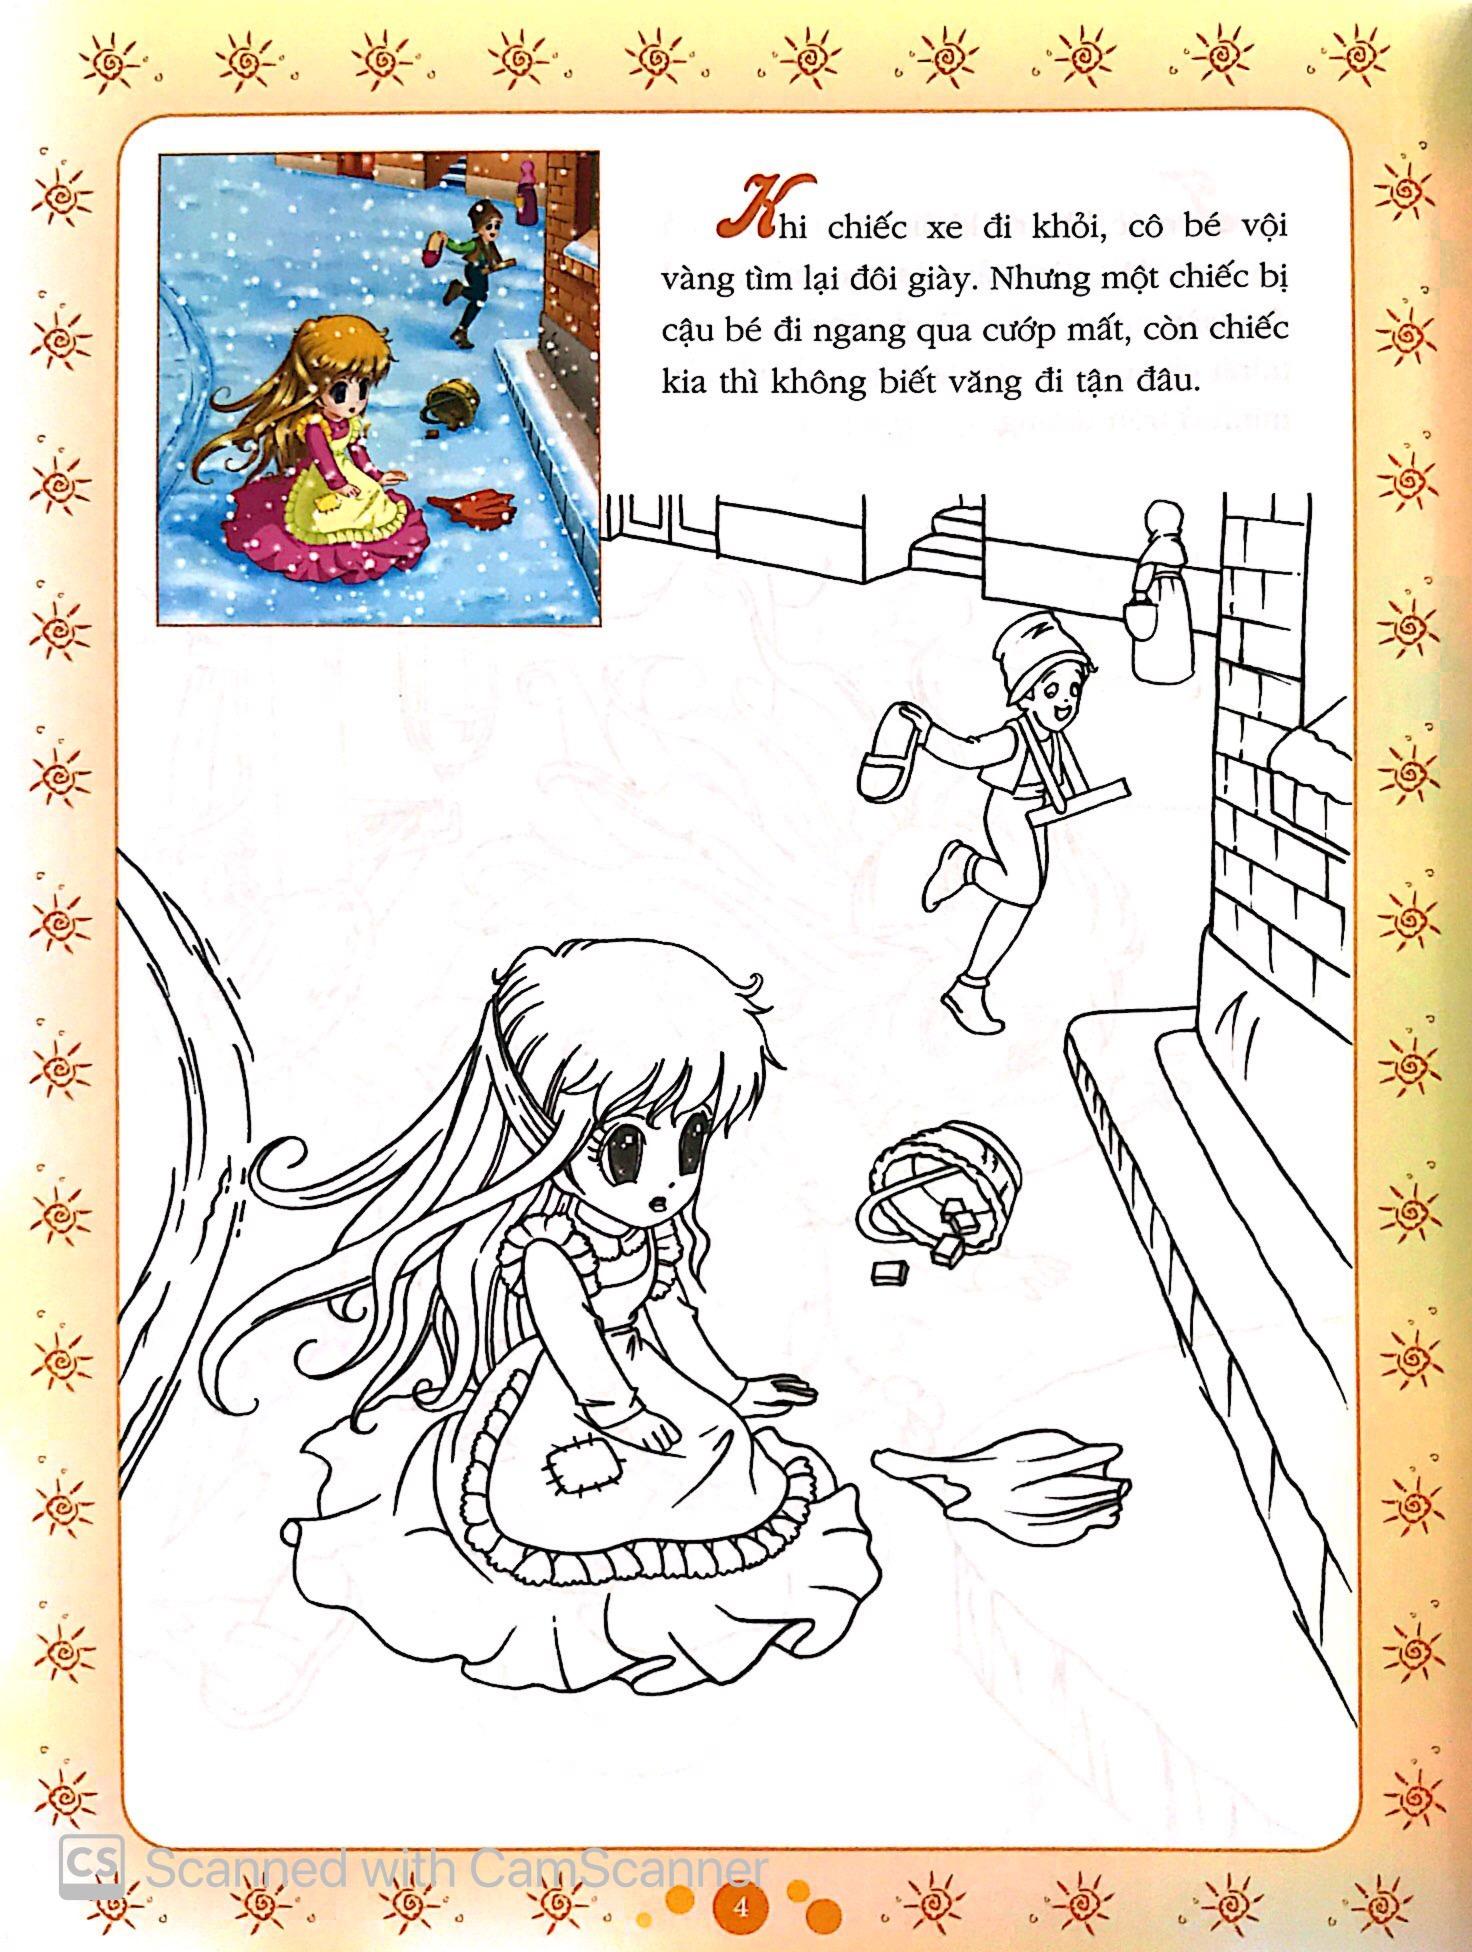 Sách Cổ Tích Tô Màu Công Chúa - Cô Bé Bán Diêm - FAHASA.COM